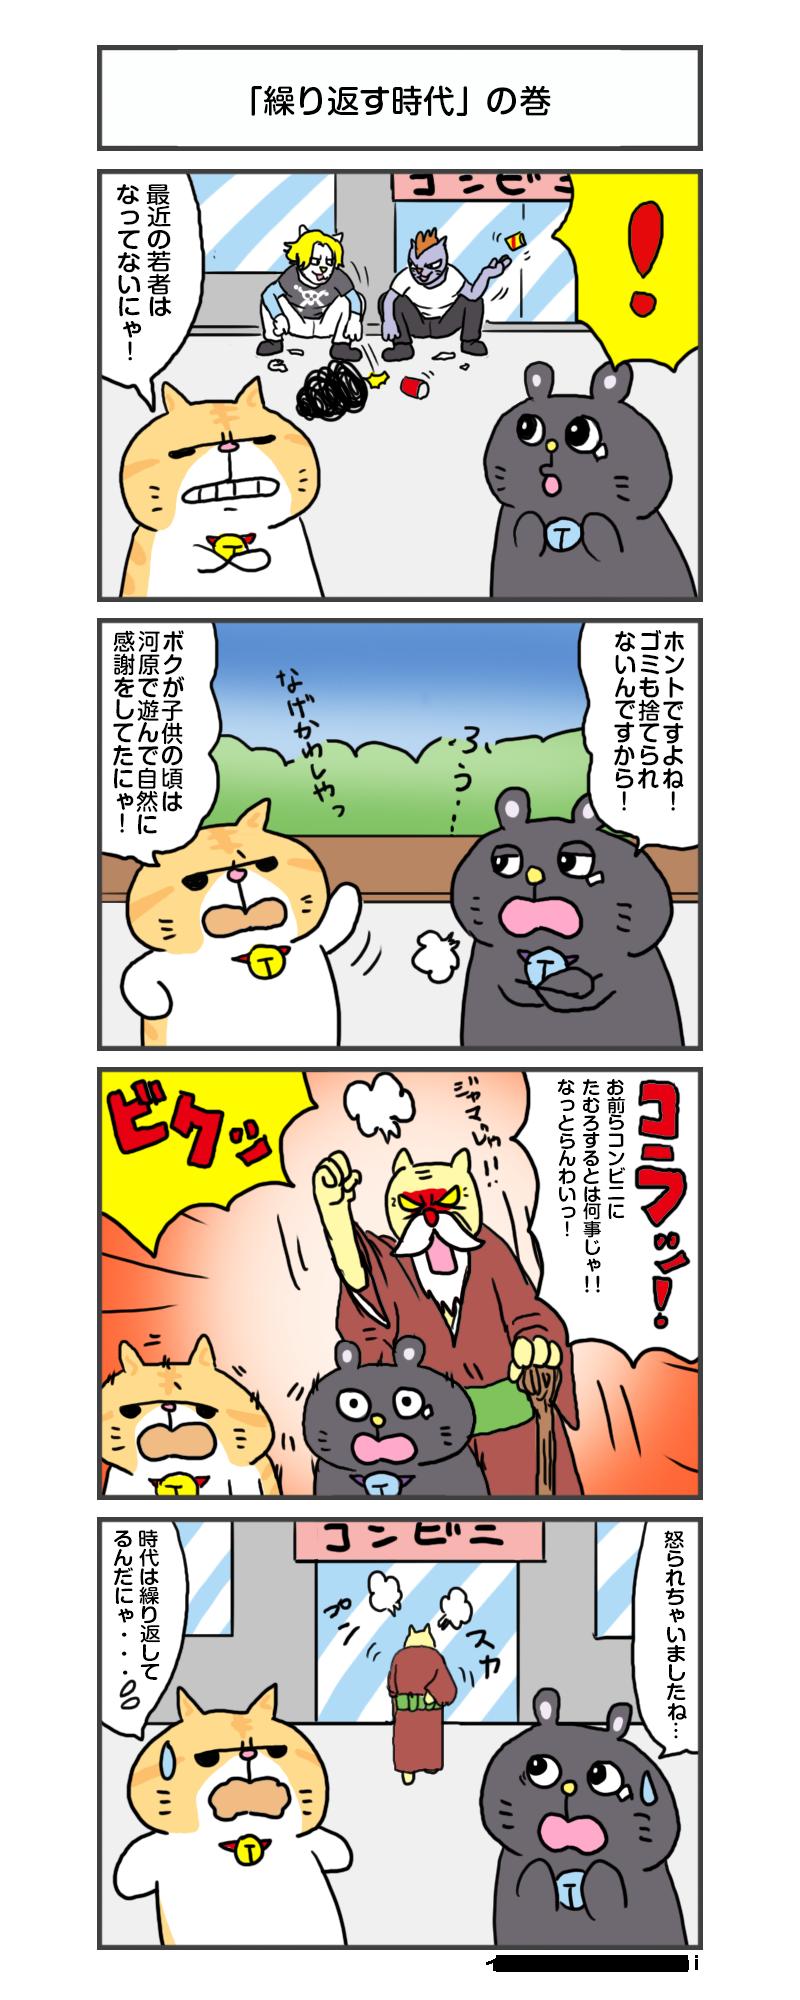 縺医″縺昴y縺・anga_vol.216